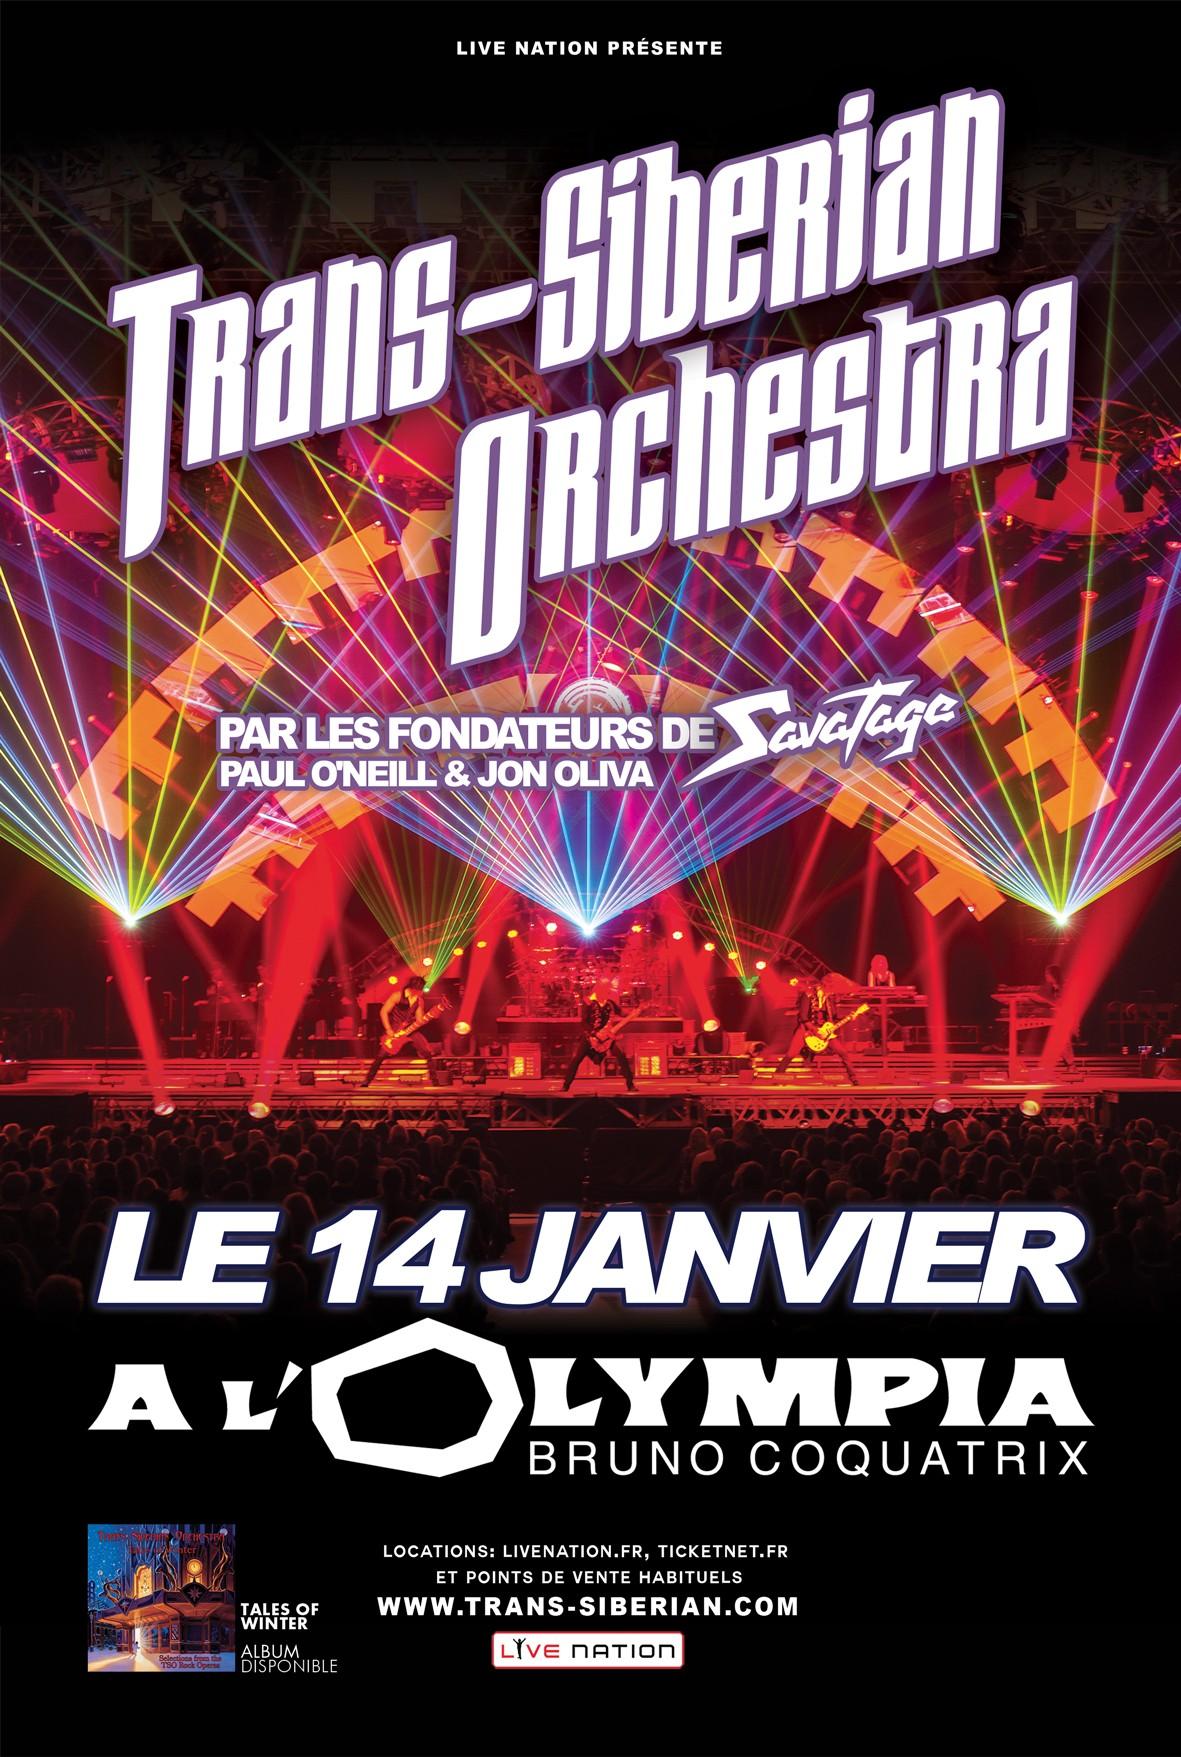 TRANS-SIBERIAN ORCHESTRA - Olympia, 14 janvier 2014